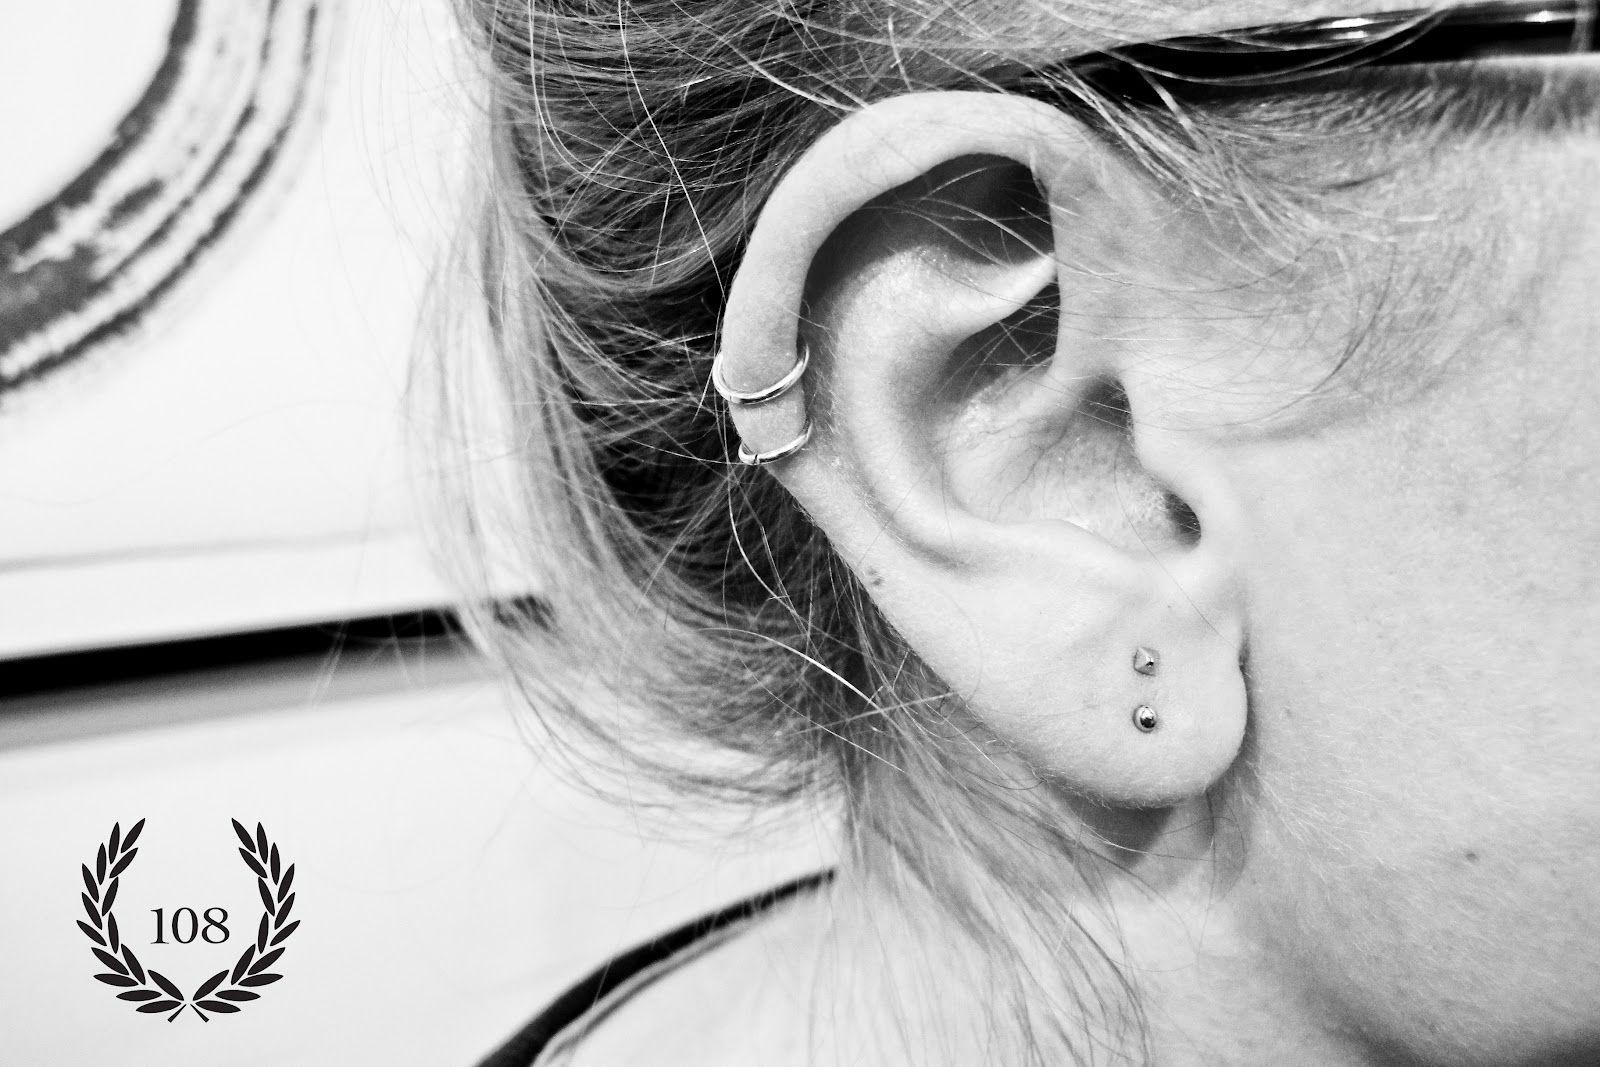 Ear lobe piercing names  joanneofg   please  Pinterest  Piercing